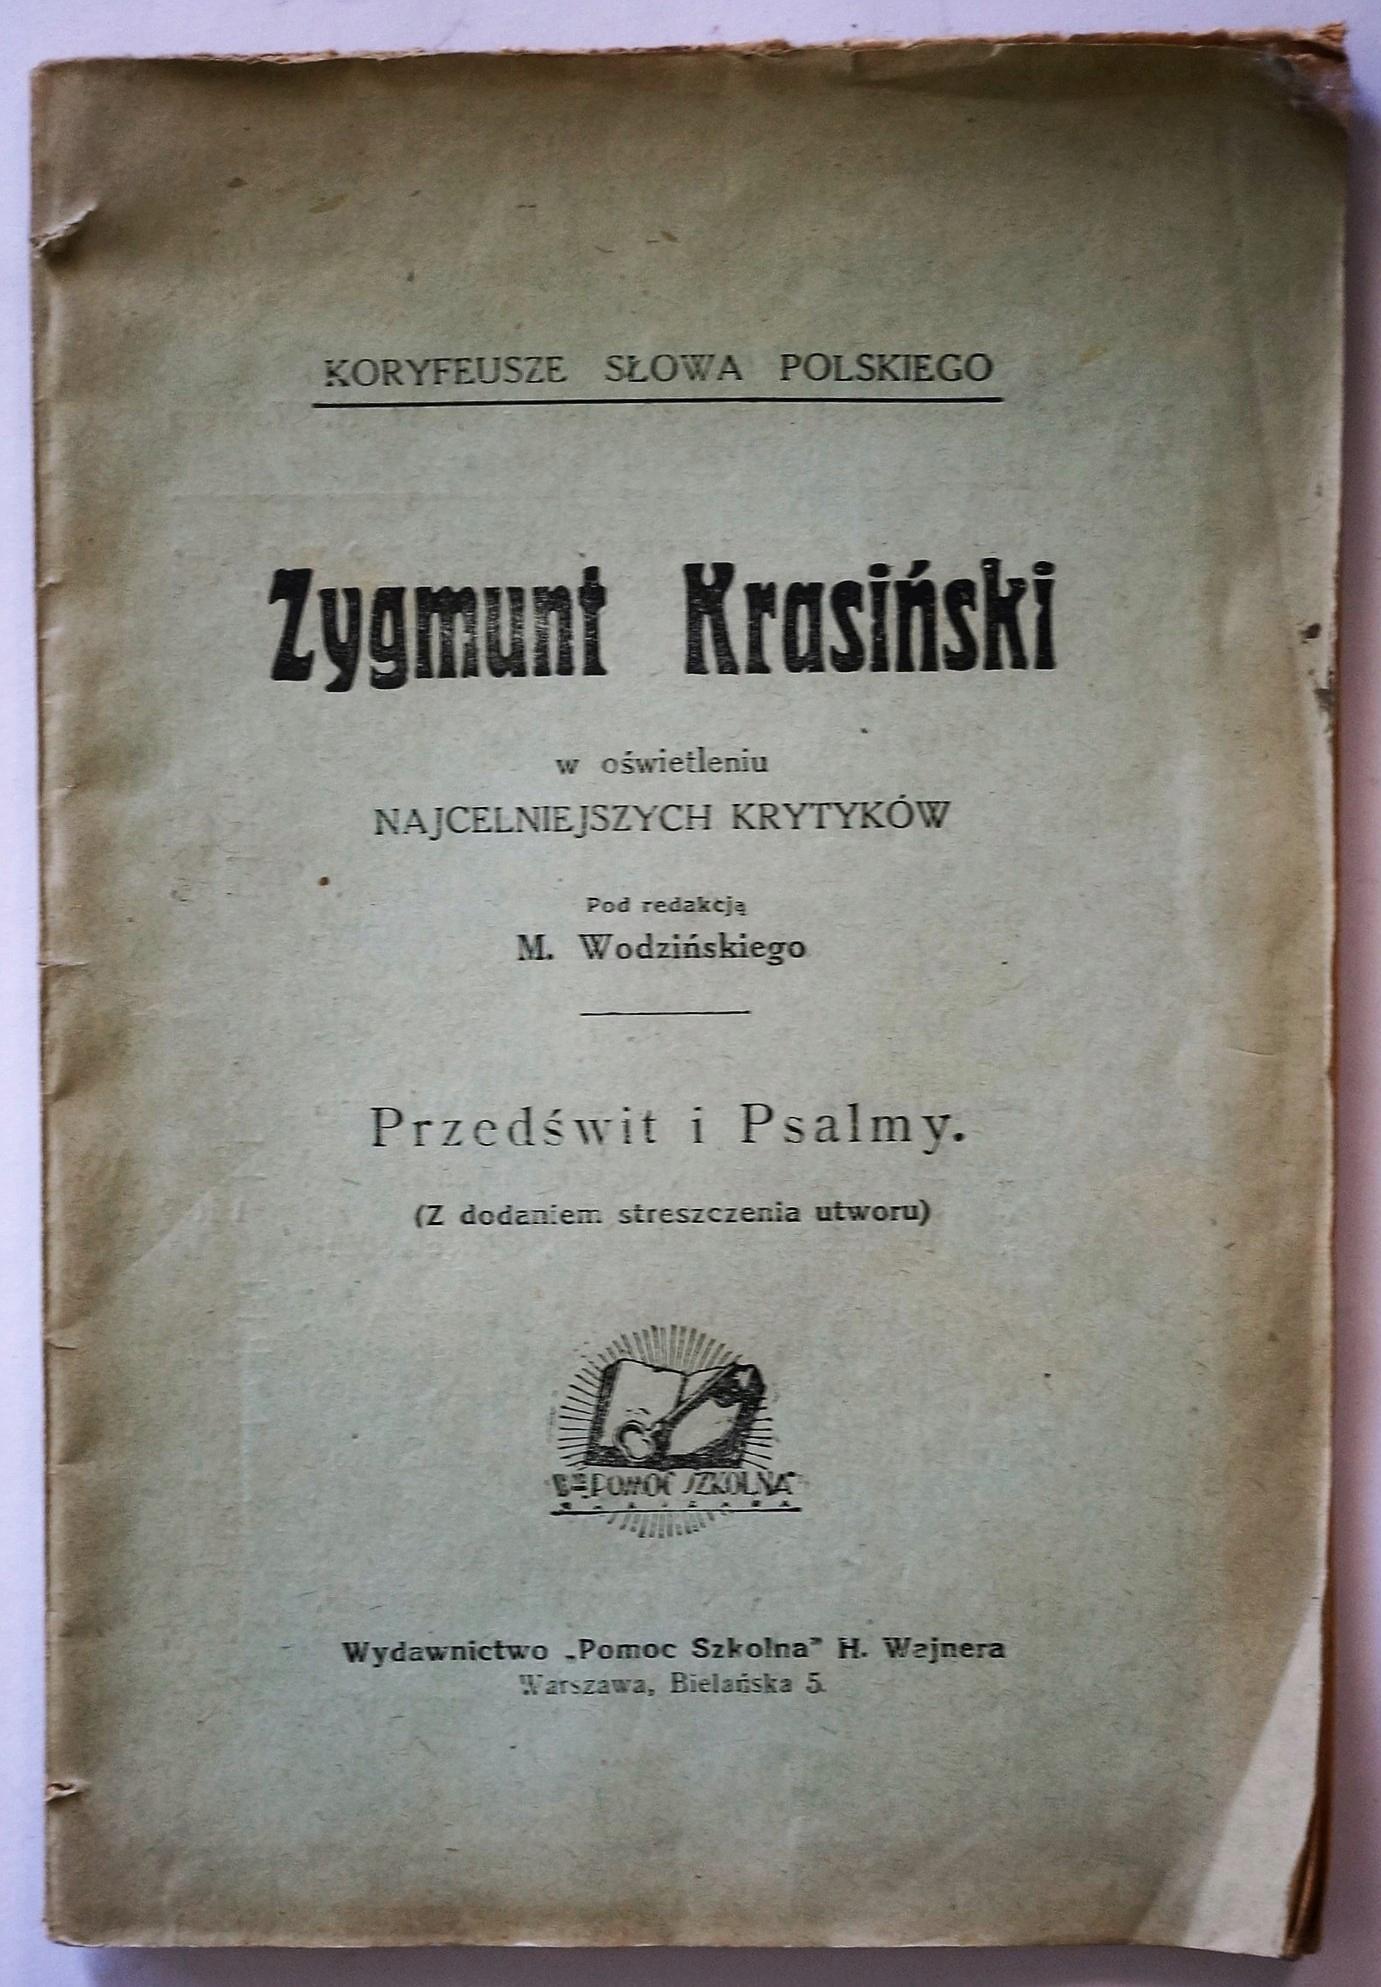 Z. Krasiński w oświetleniu krytyków N